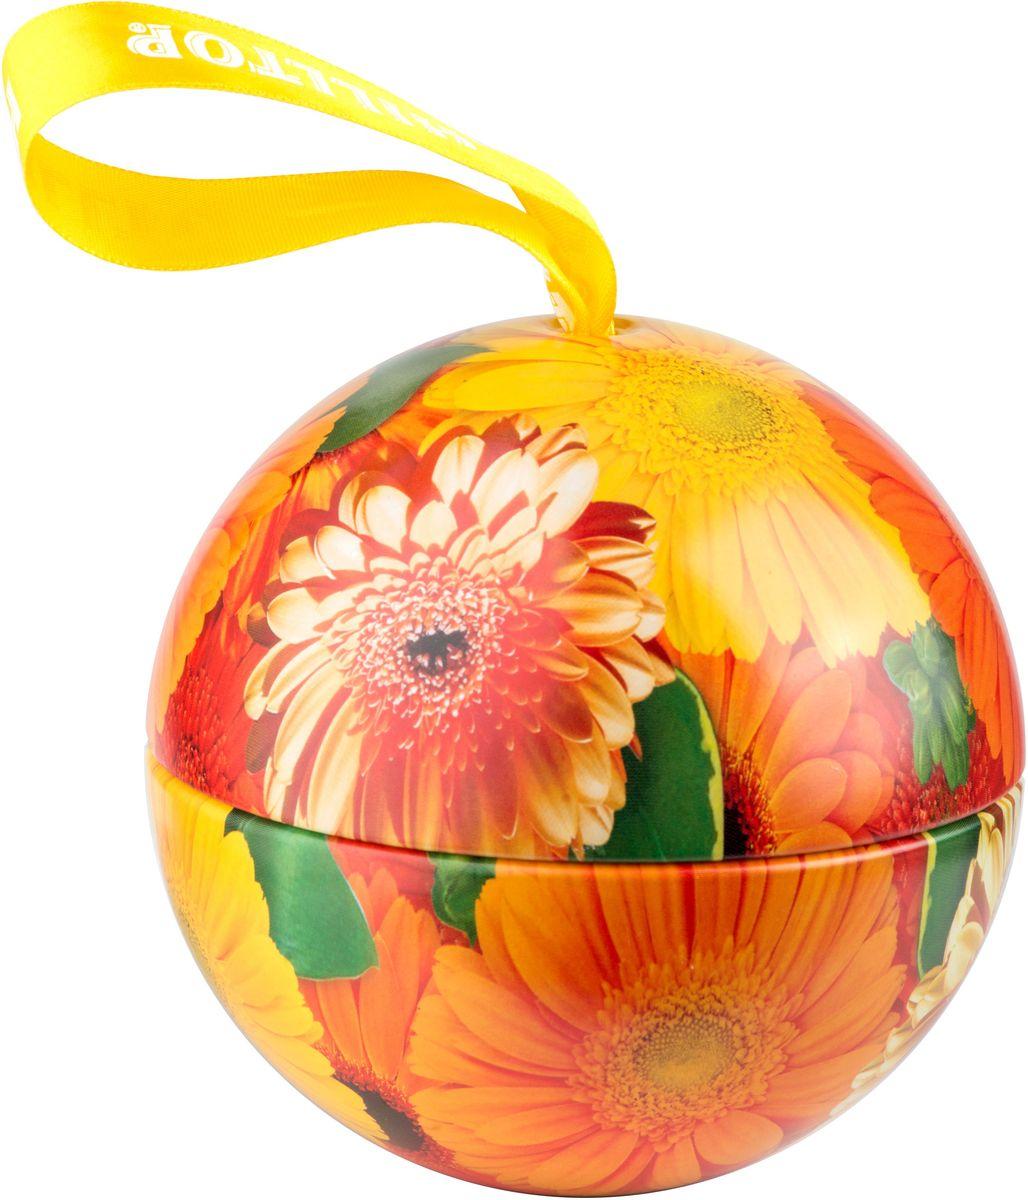 Hilltop Солнечные цветы. Цитрусовая фантазия черный листовой чай, 80 г4607099306394Hilltop Солнечные цветы. Цитрусовая фантазия– черный чай с благоухающим ароматом апельсинового масла, дополненного календулой и васильком в сочетании с тонкими нотами лемонграсса и шиповника. Такой чай станет отличным подарком для друзей и близких.